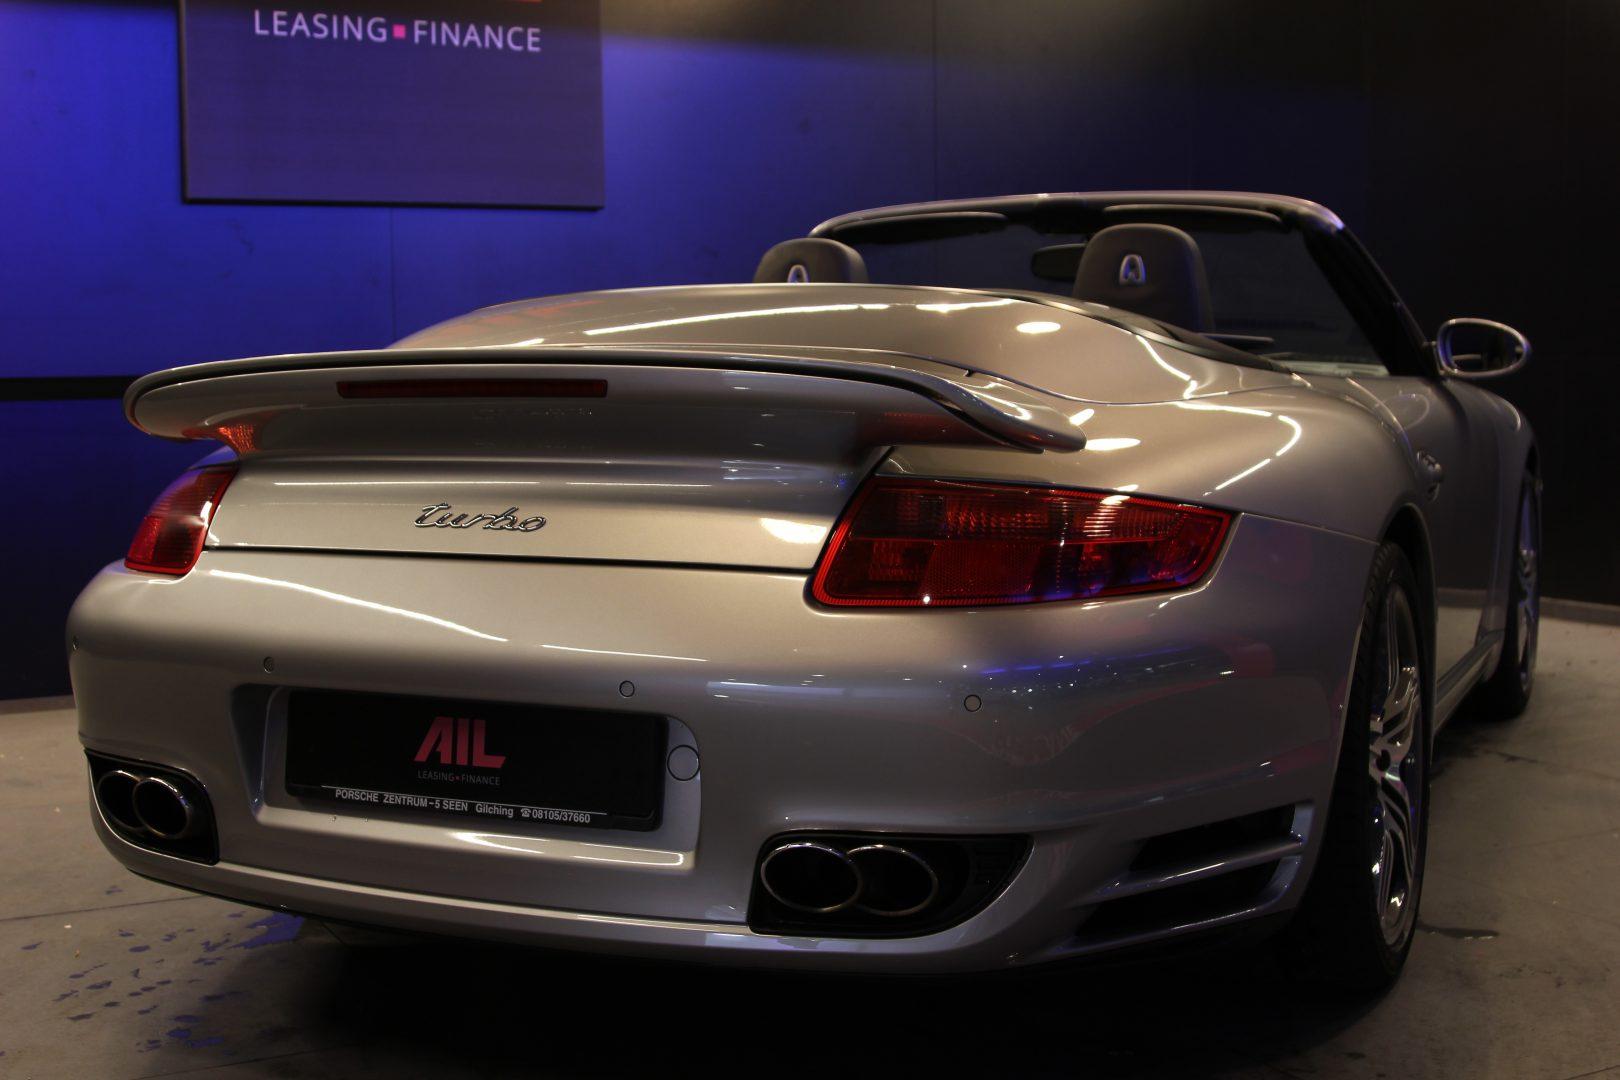 AIL Porsche 997 Turbo Cabrio  3